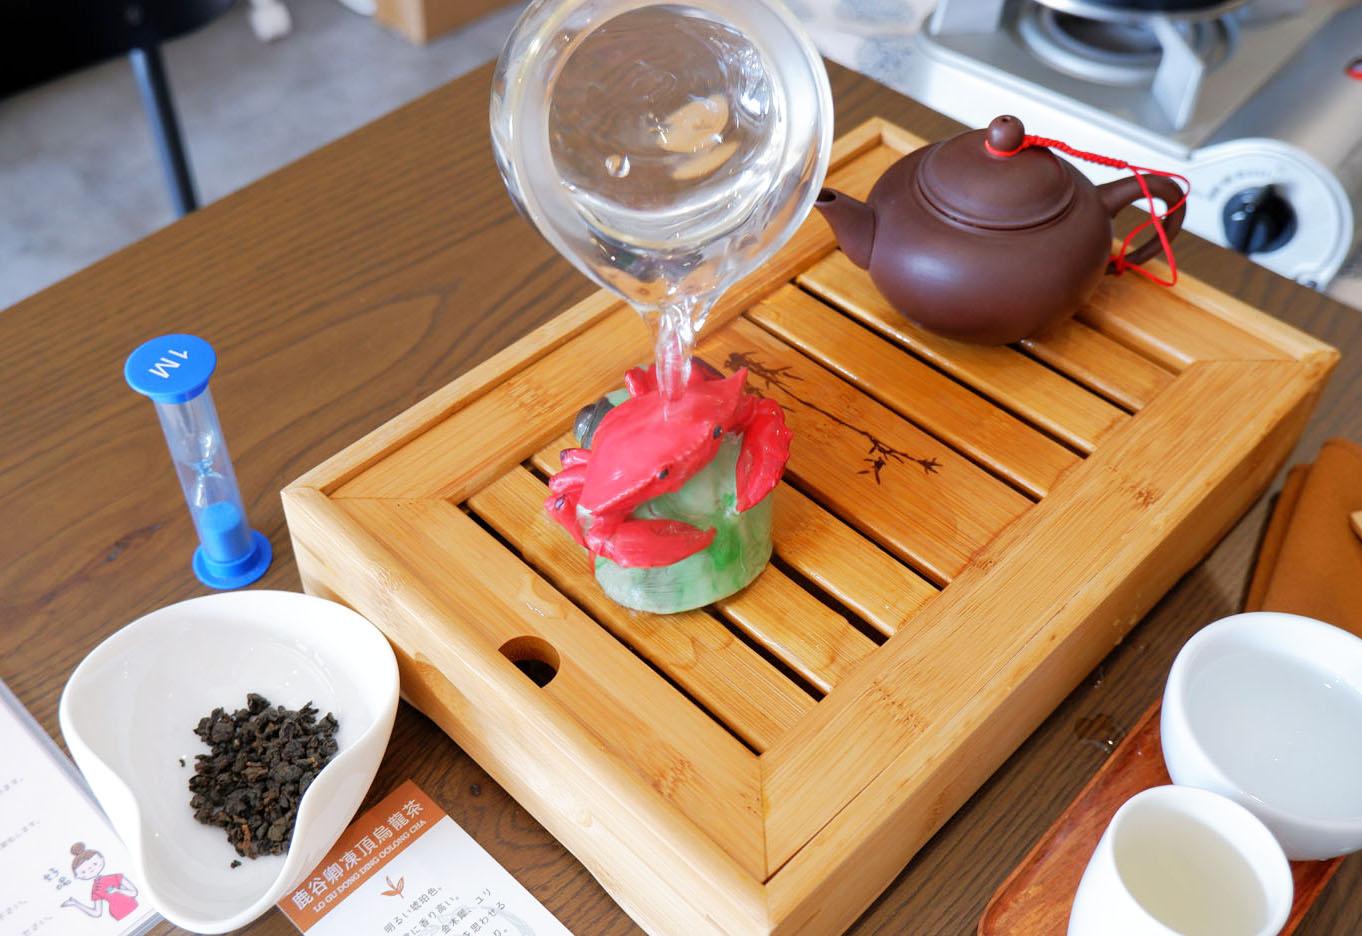 カニを模した茶玩。お湯をかけると鮮やかな色に。